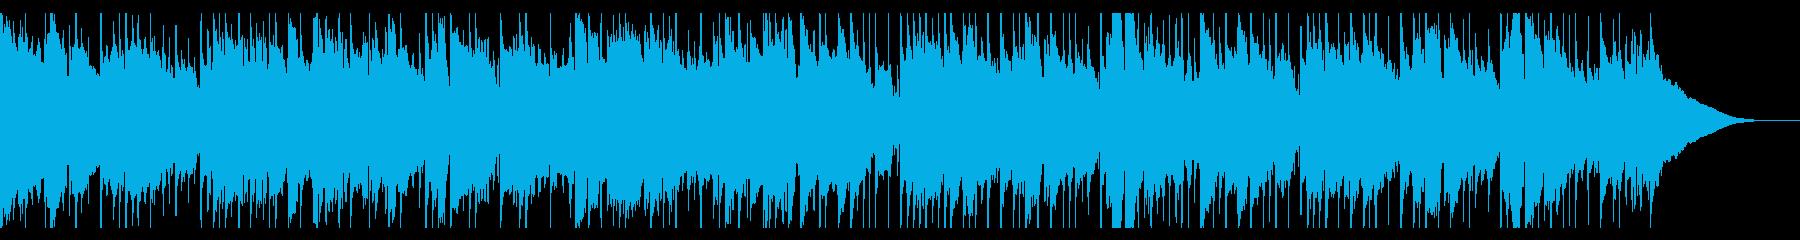 生音・アコースティックギターのバラードの再生済みの波形